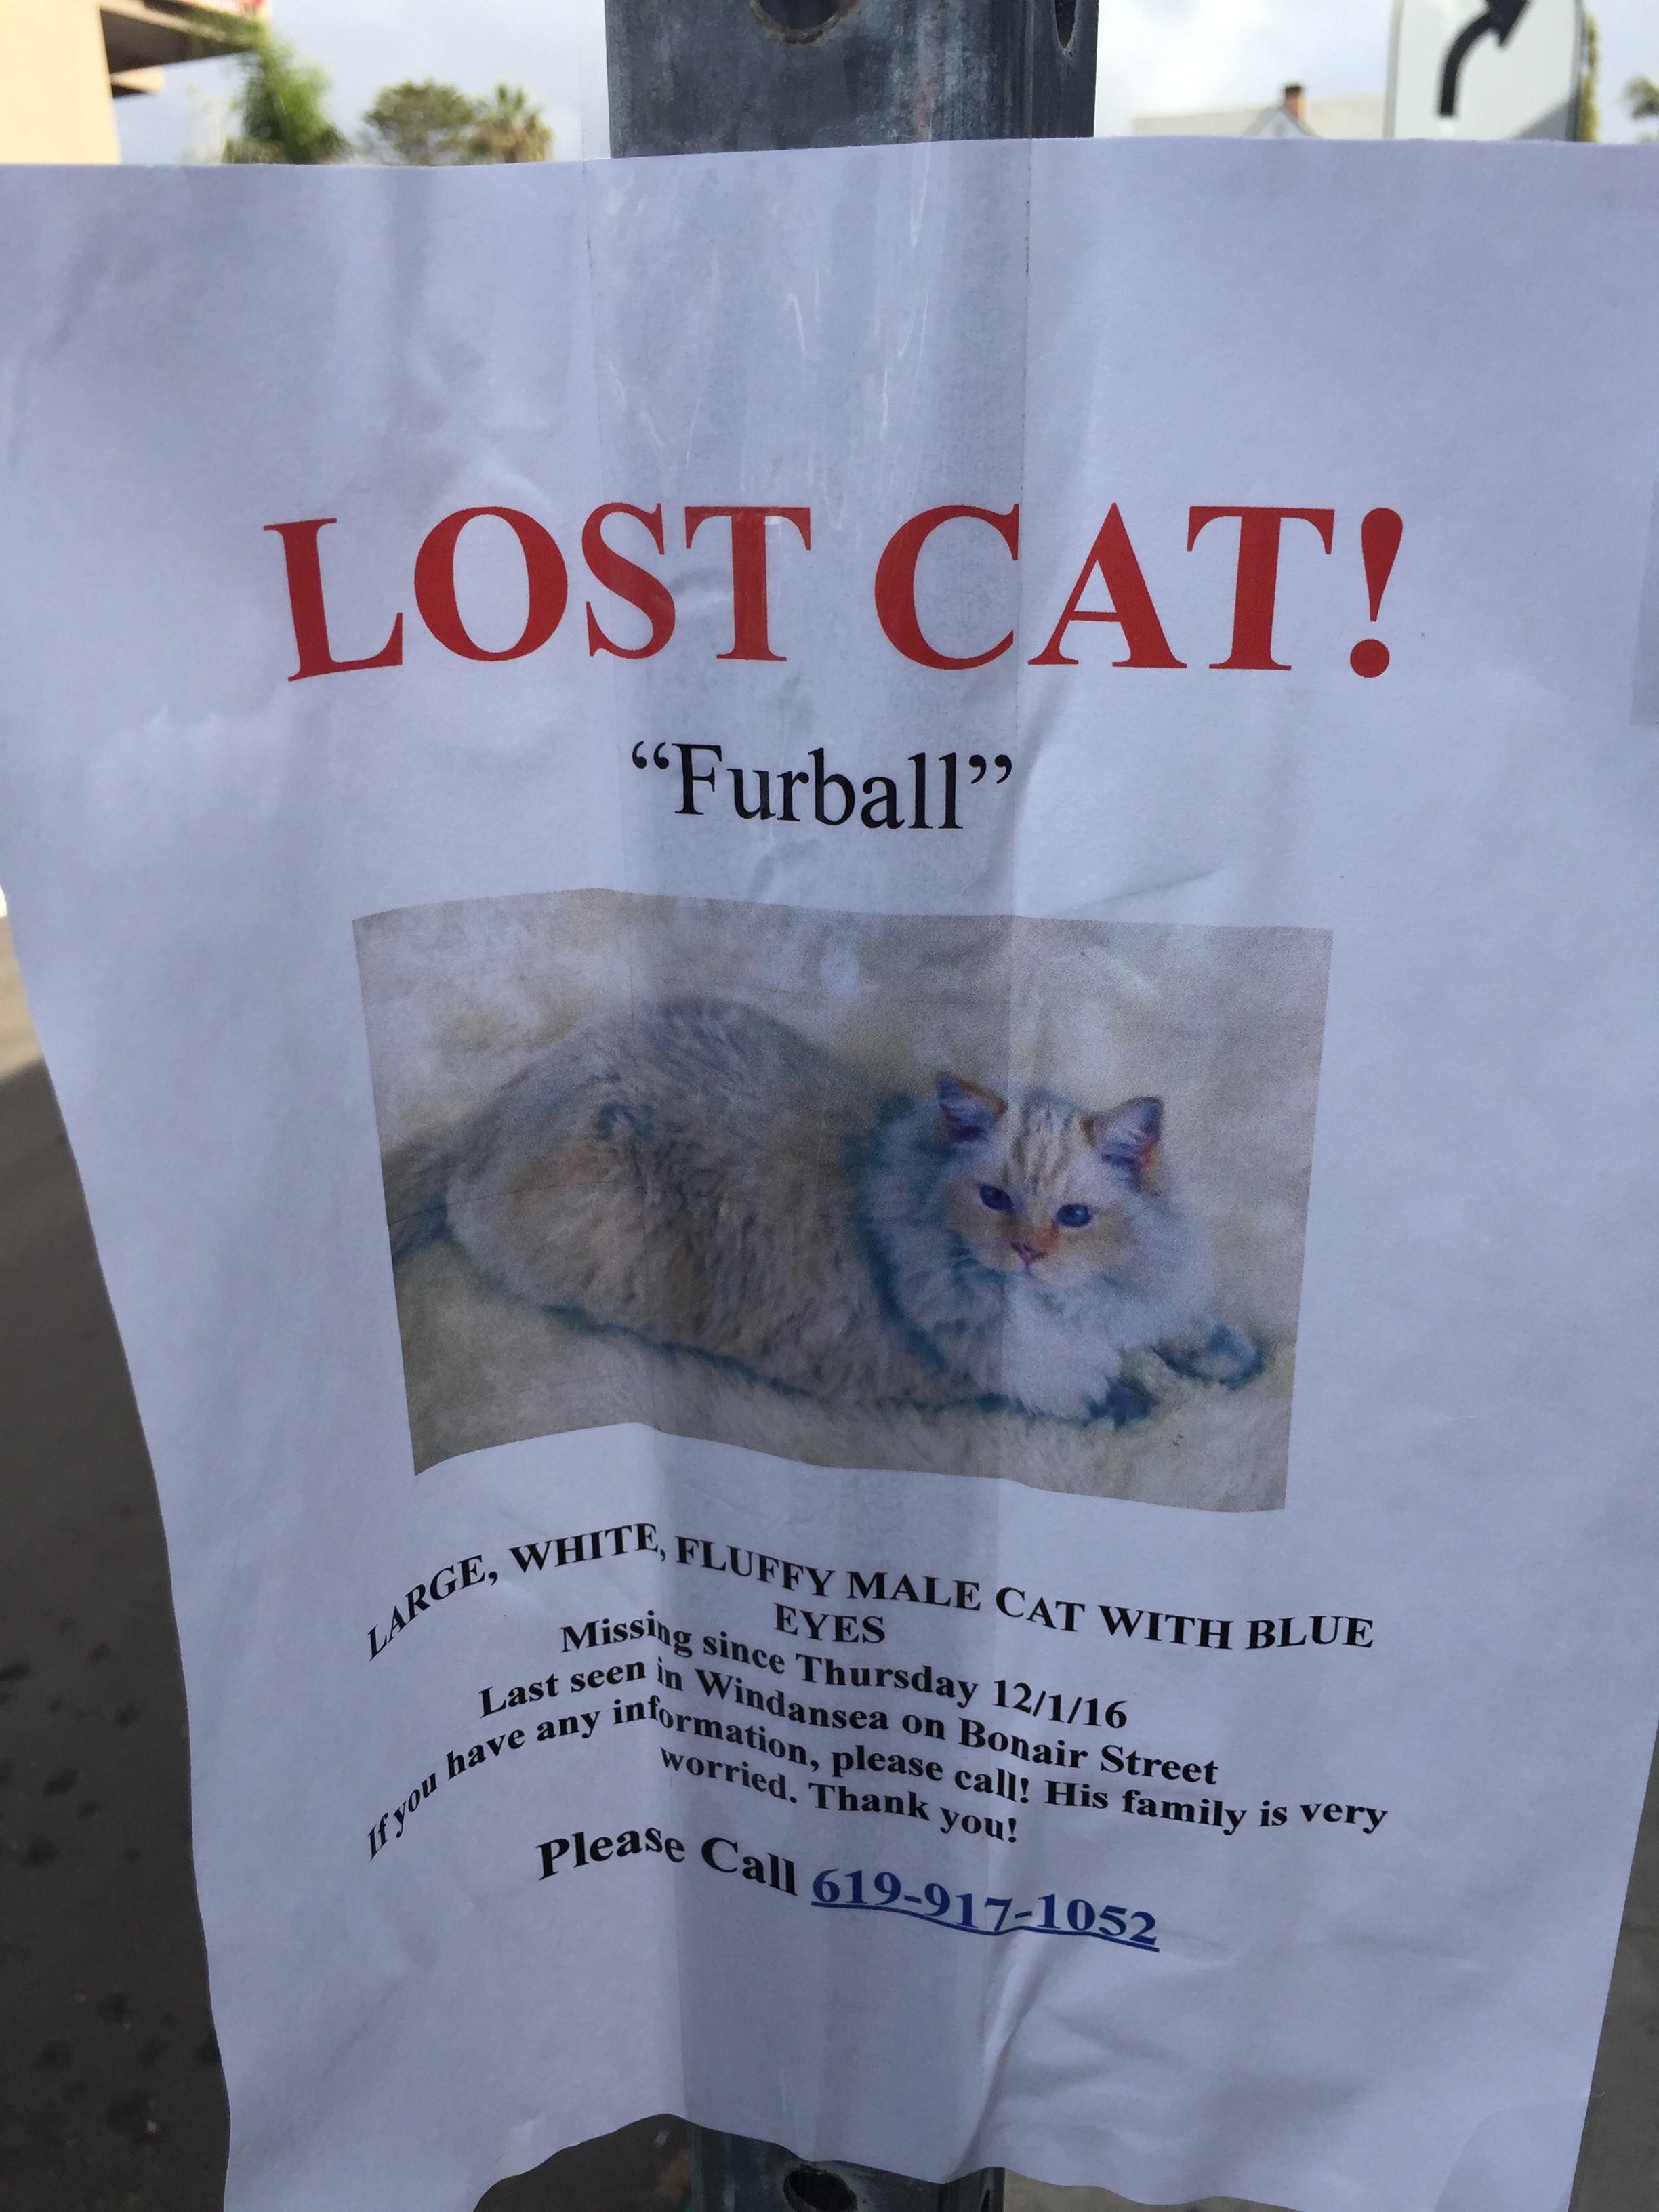 Missing Furball